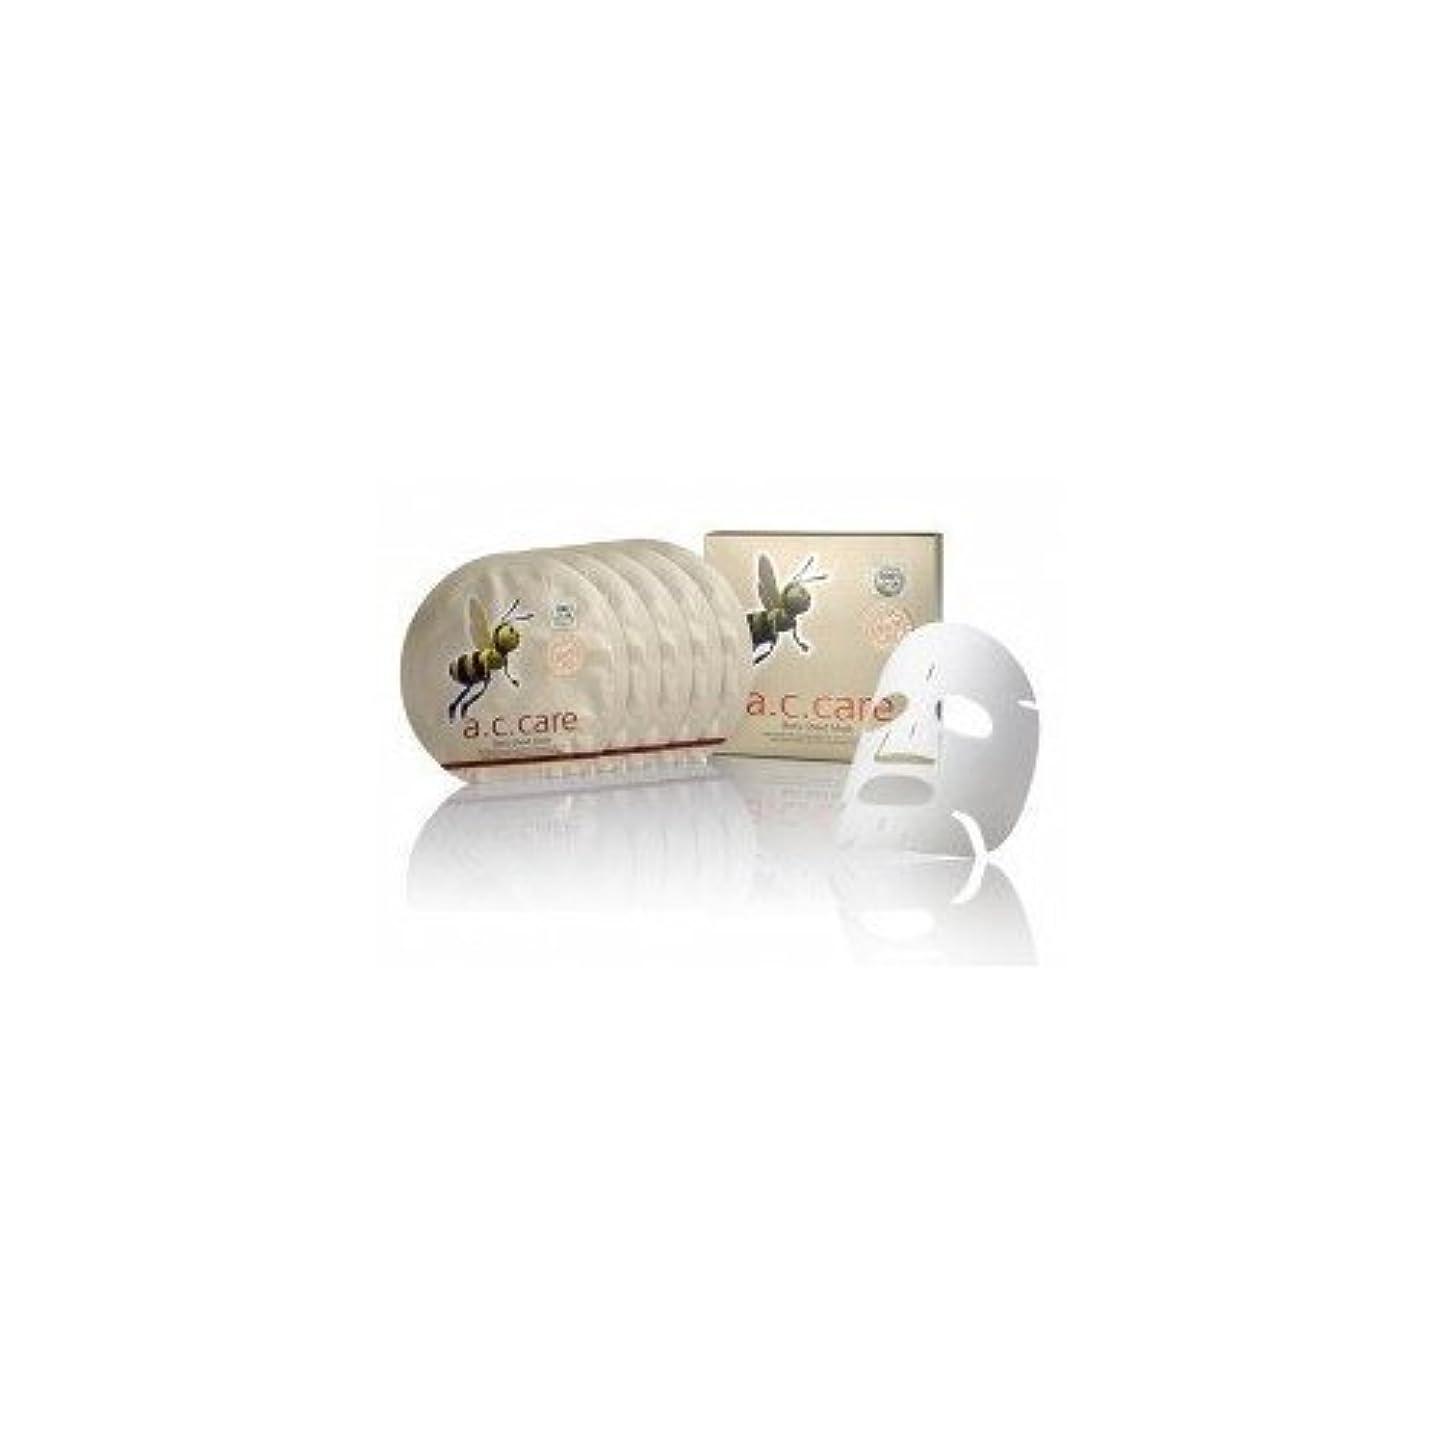 膨張する鮮やかな前者Omar Sharif A.C.Care Bee's Sheet Mask - 5pcs